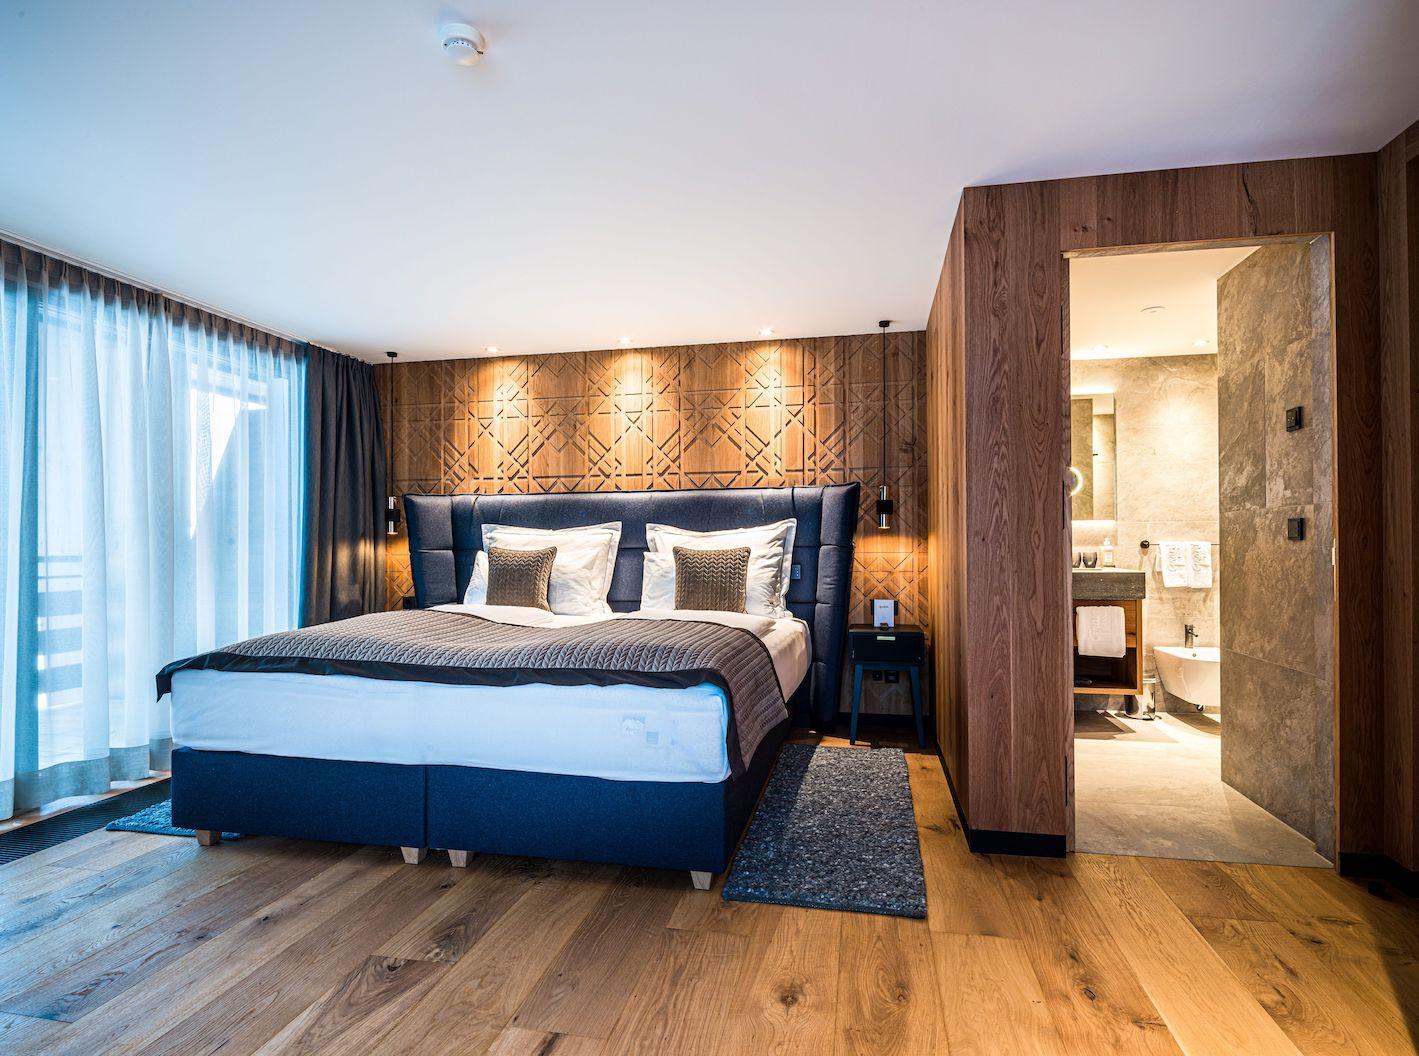 Moderner Schlafbereich Der Dolomites Suite C Dejori Werner Hotel Granbaita Dolomites